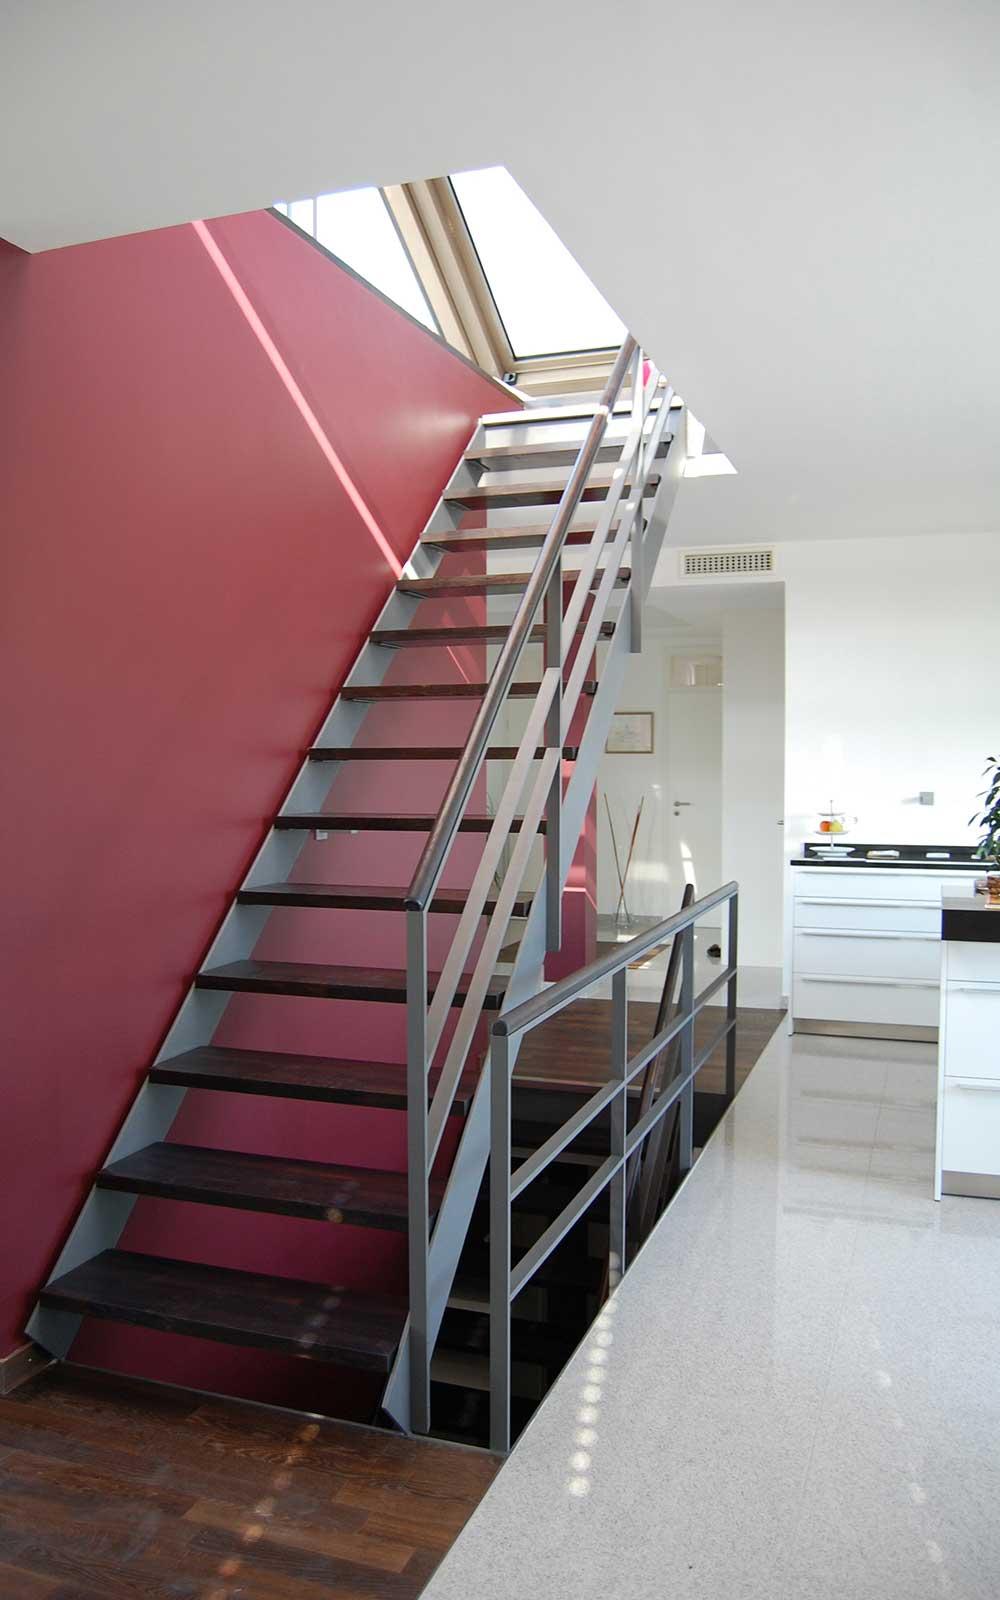 Kochhan und Weckbach Architekten Heidelberg, Mehrfamilienhaus in Neuenheim